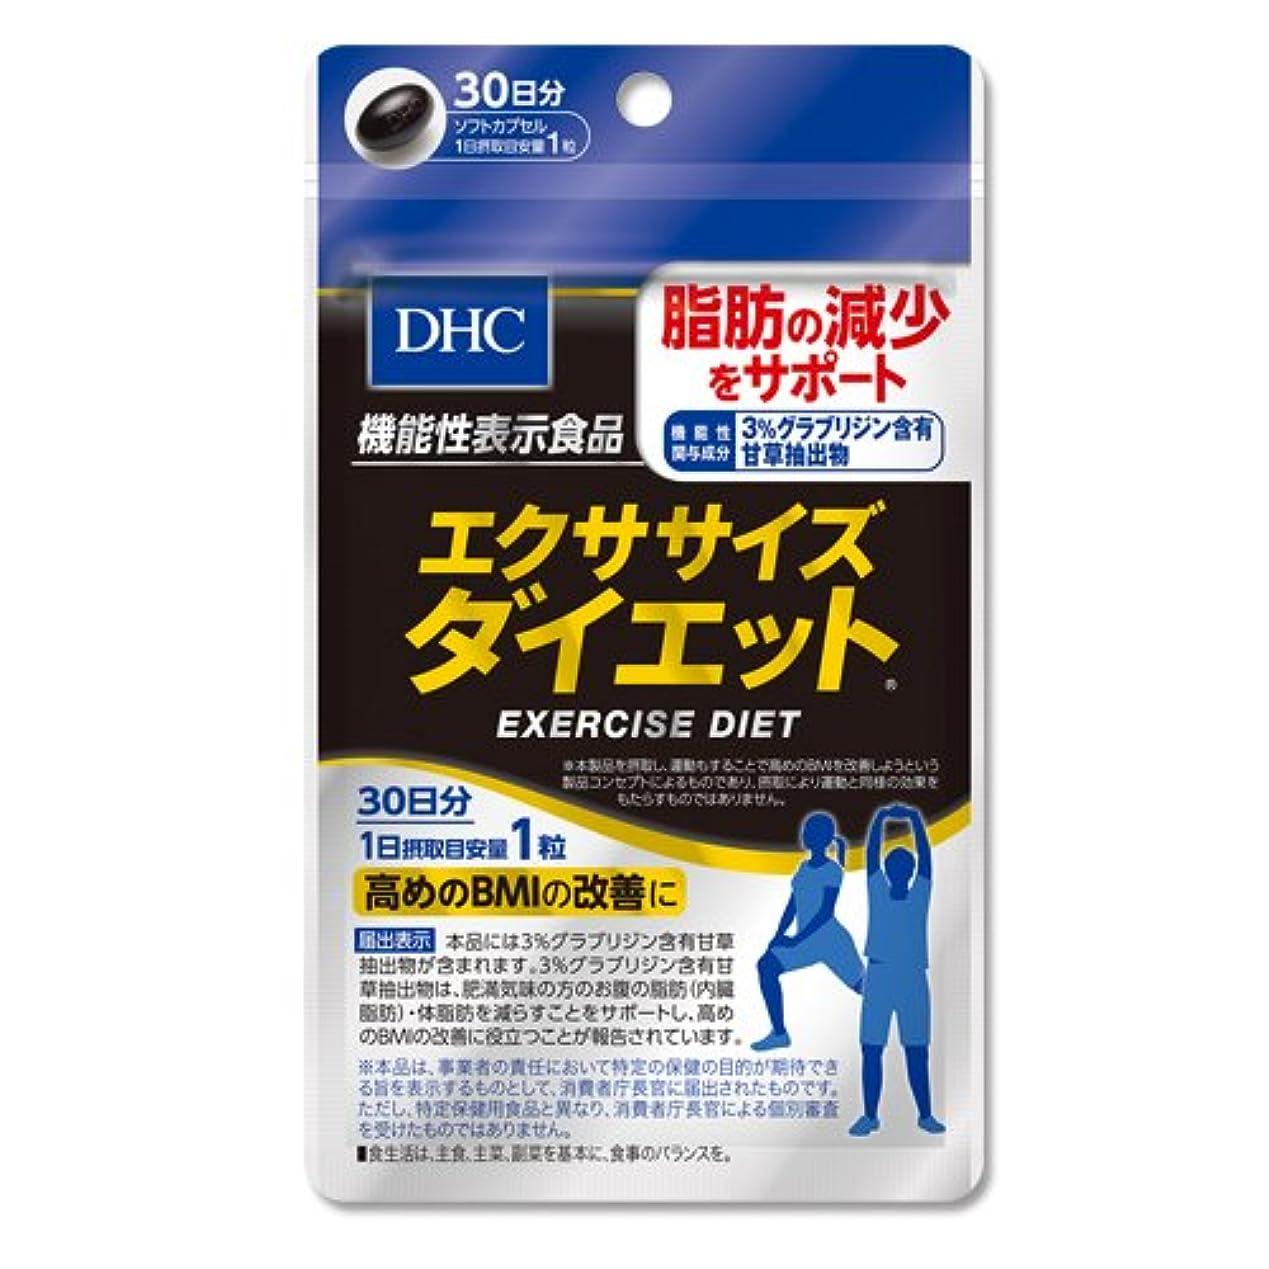 しない二層郵便局エクササイズダイエット30日分 【機能性表示食品】